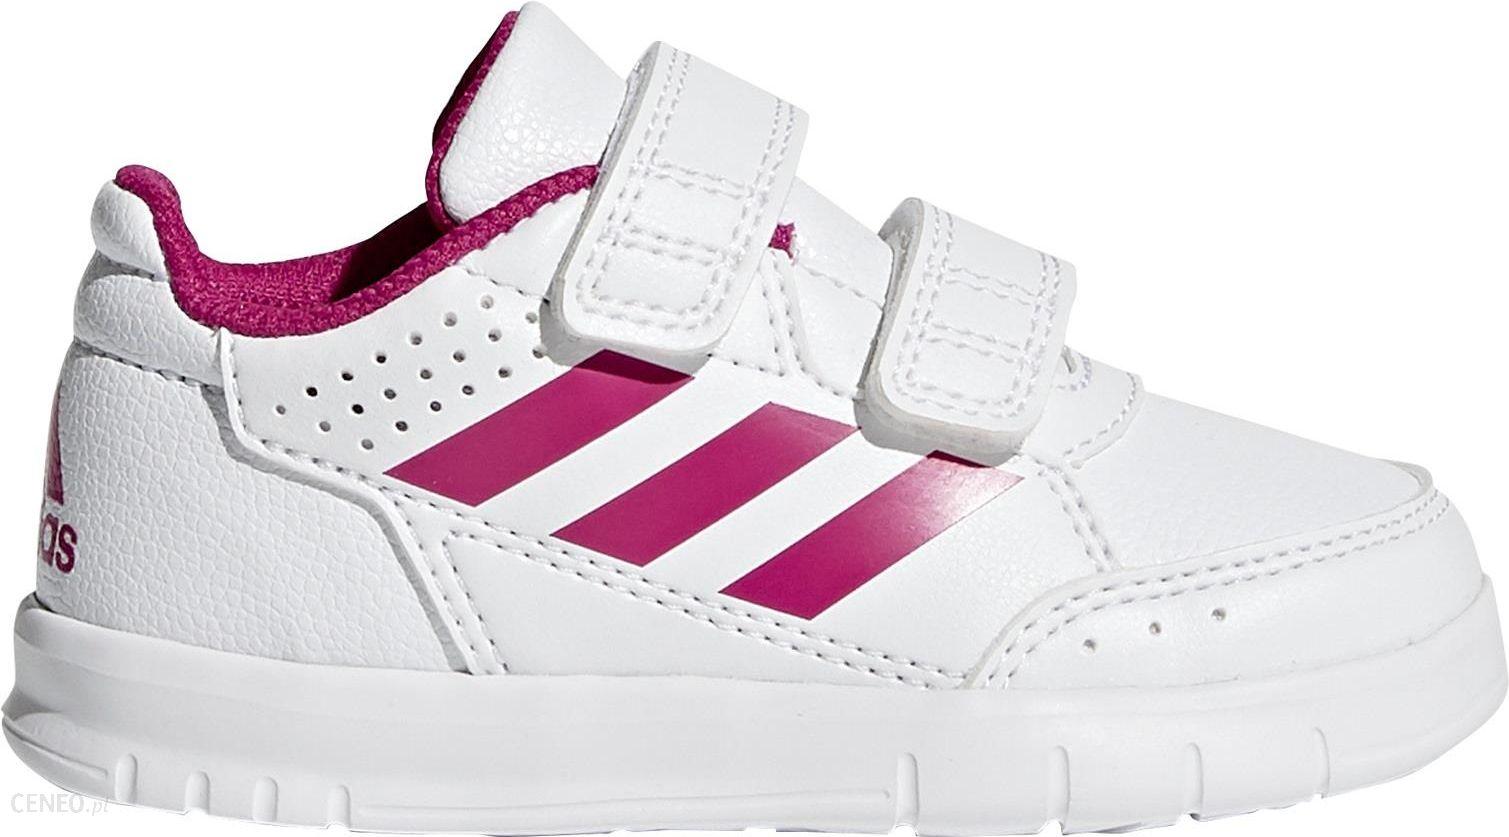 26,5 Buty Dziecięce Adidas Altasport D96846 Rzepy Ceny i opinie Ceneo.pl